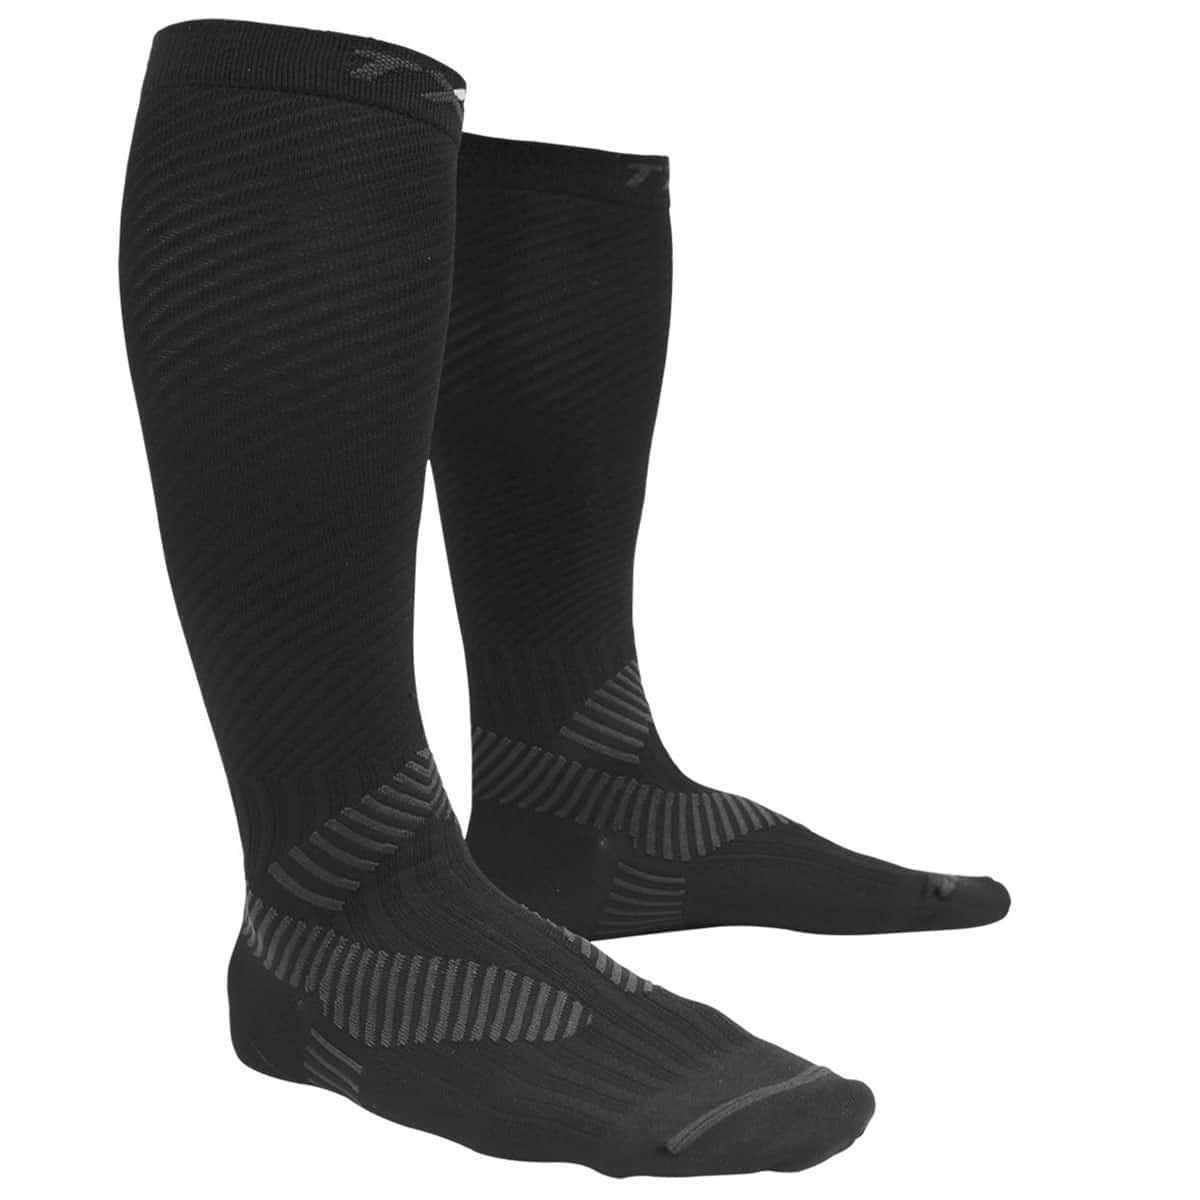 TXG Sports Compression Socks